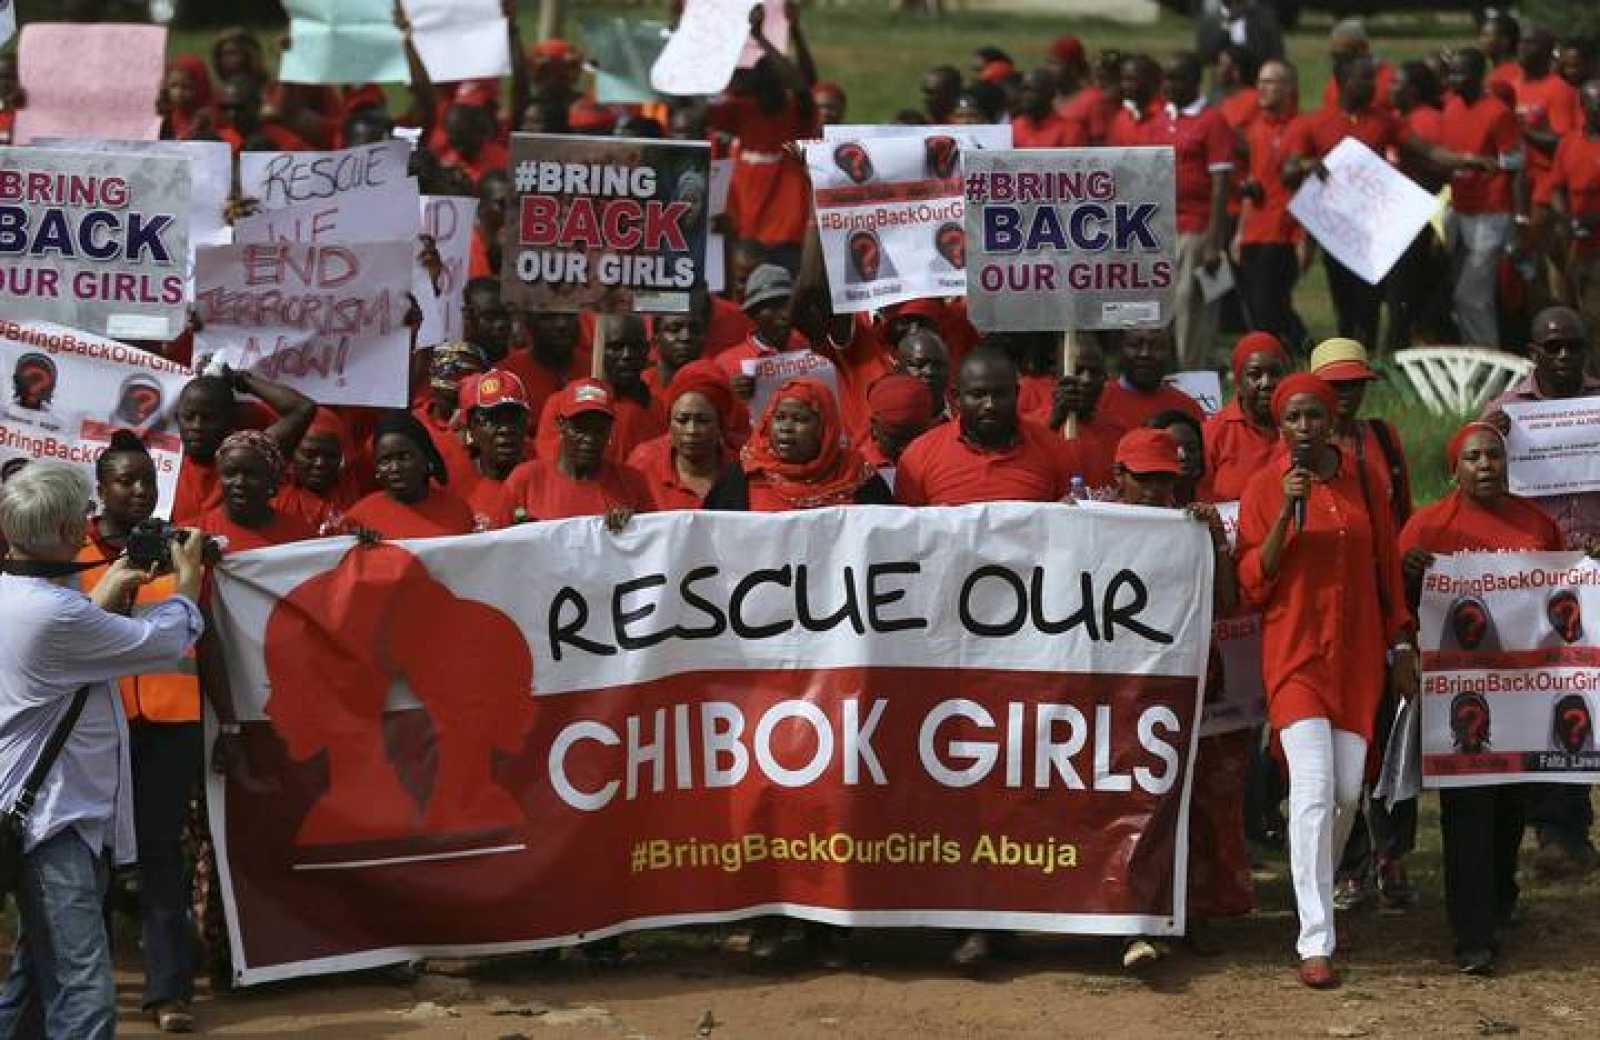 """Una de las manifestaciones que exige la liberación de las niñas secuestradas por Boko Haram bajo el lema """"Bring Back Our Girls"""""""